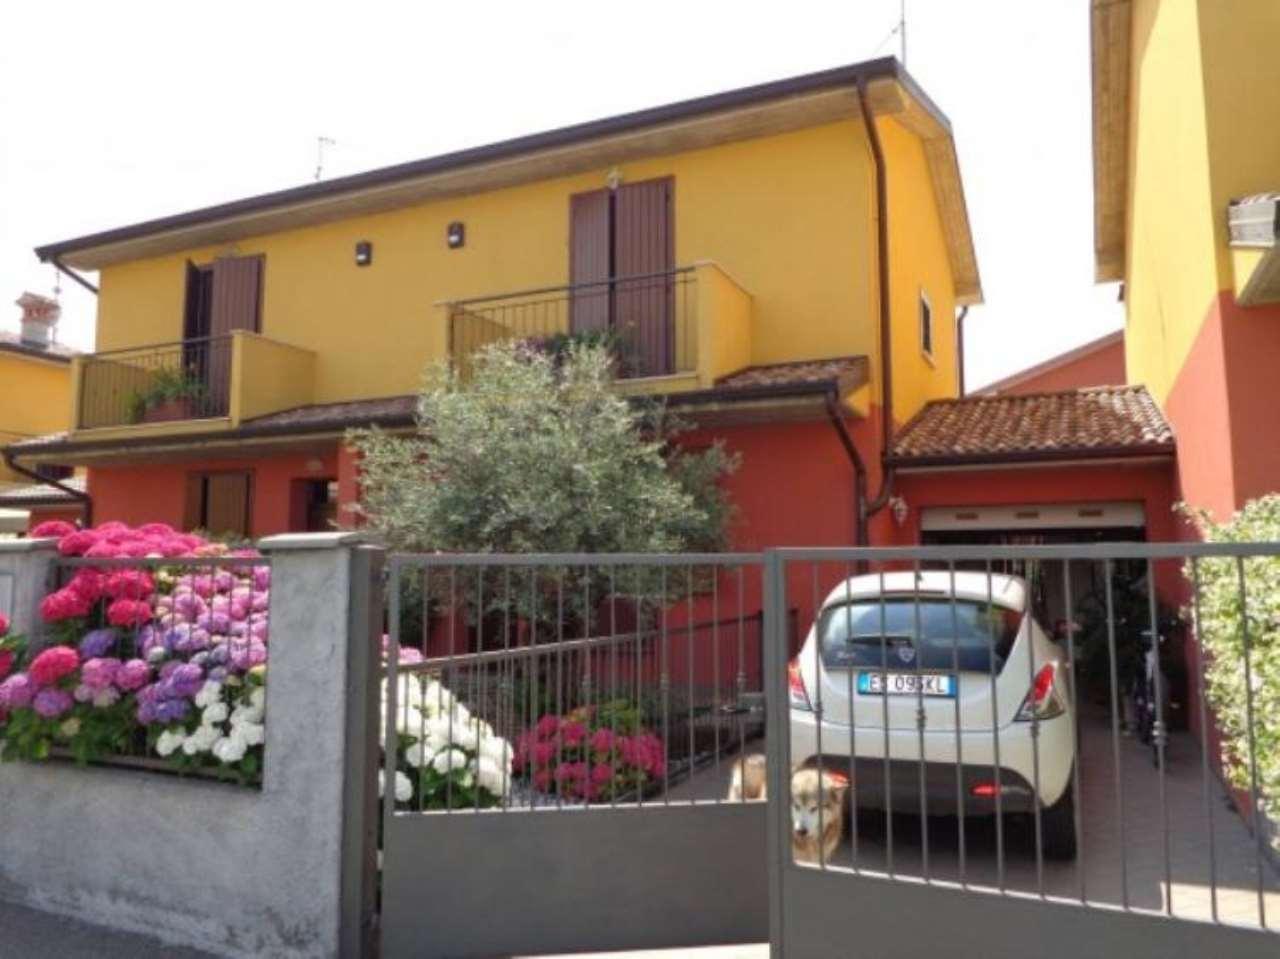 Villa a Schiera in vendita a Stagno Lombardo, 3 locali, prezzo € 145.000 | Cambio Casa.it